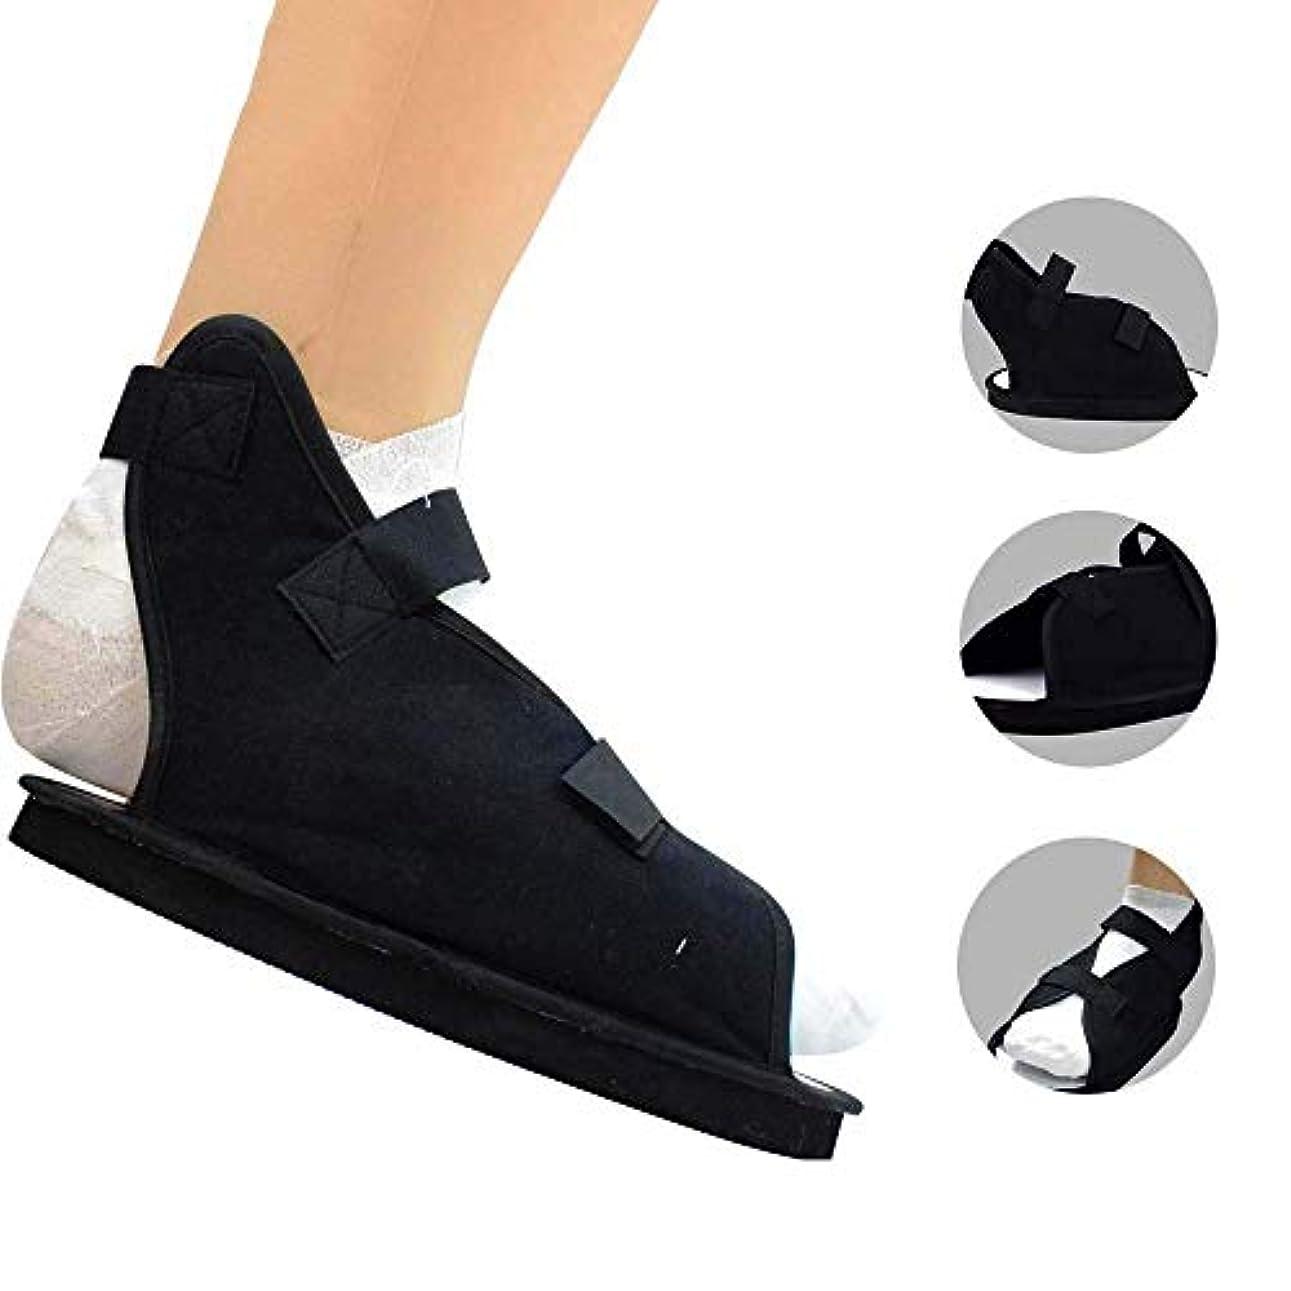 ボイドほのか敬術後靴、傷害後の外科用フットキャスト医療用ウォーキングブーツ (Size : S)